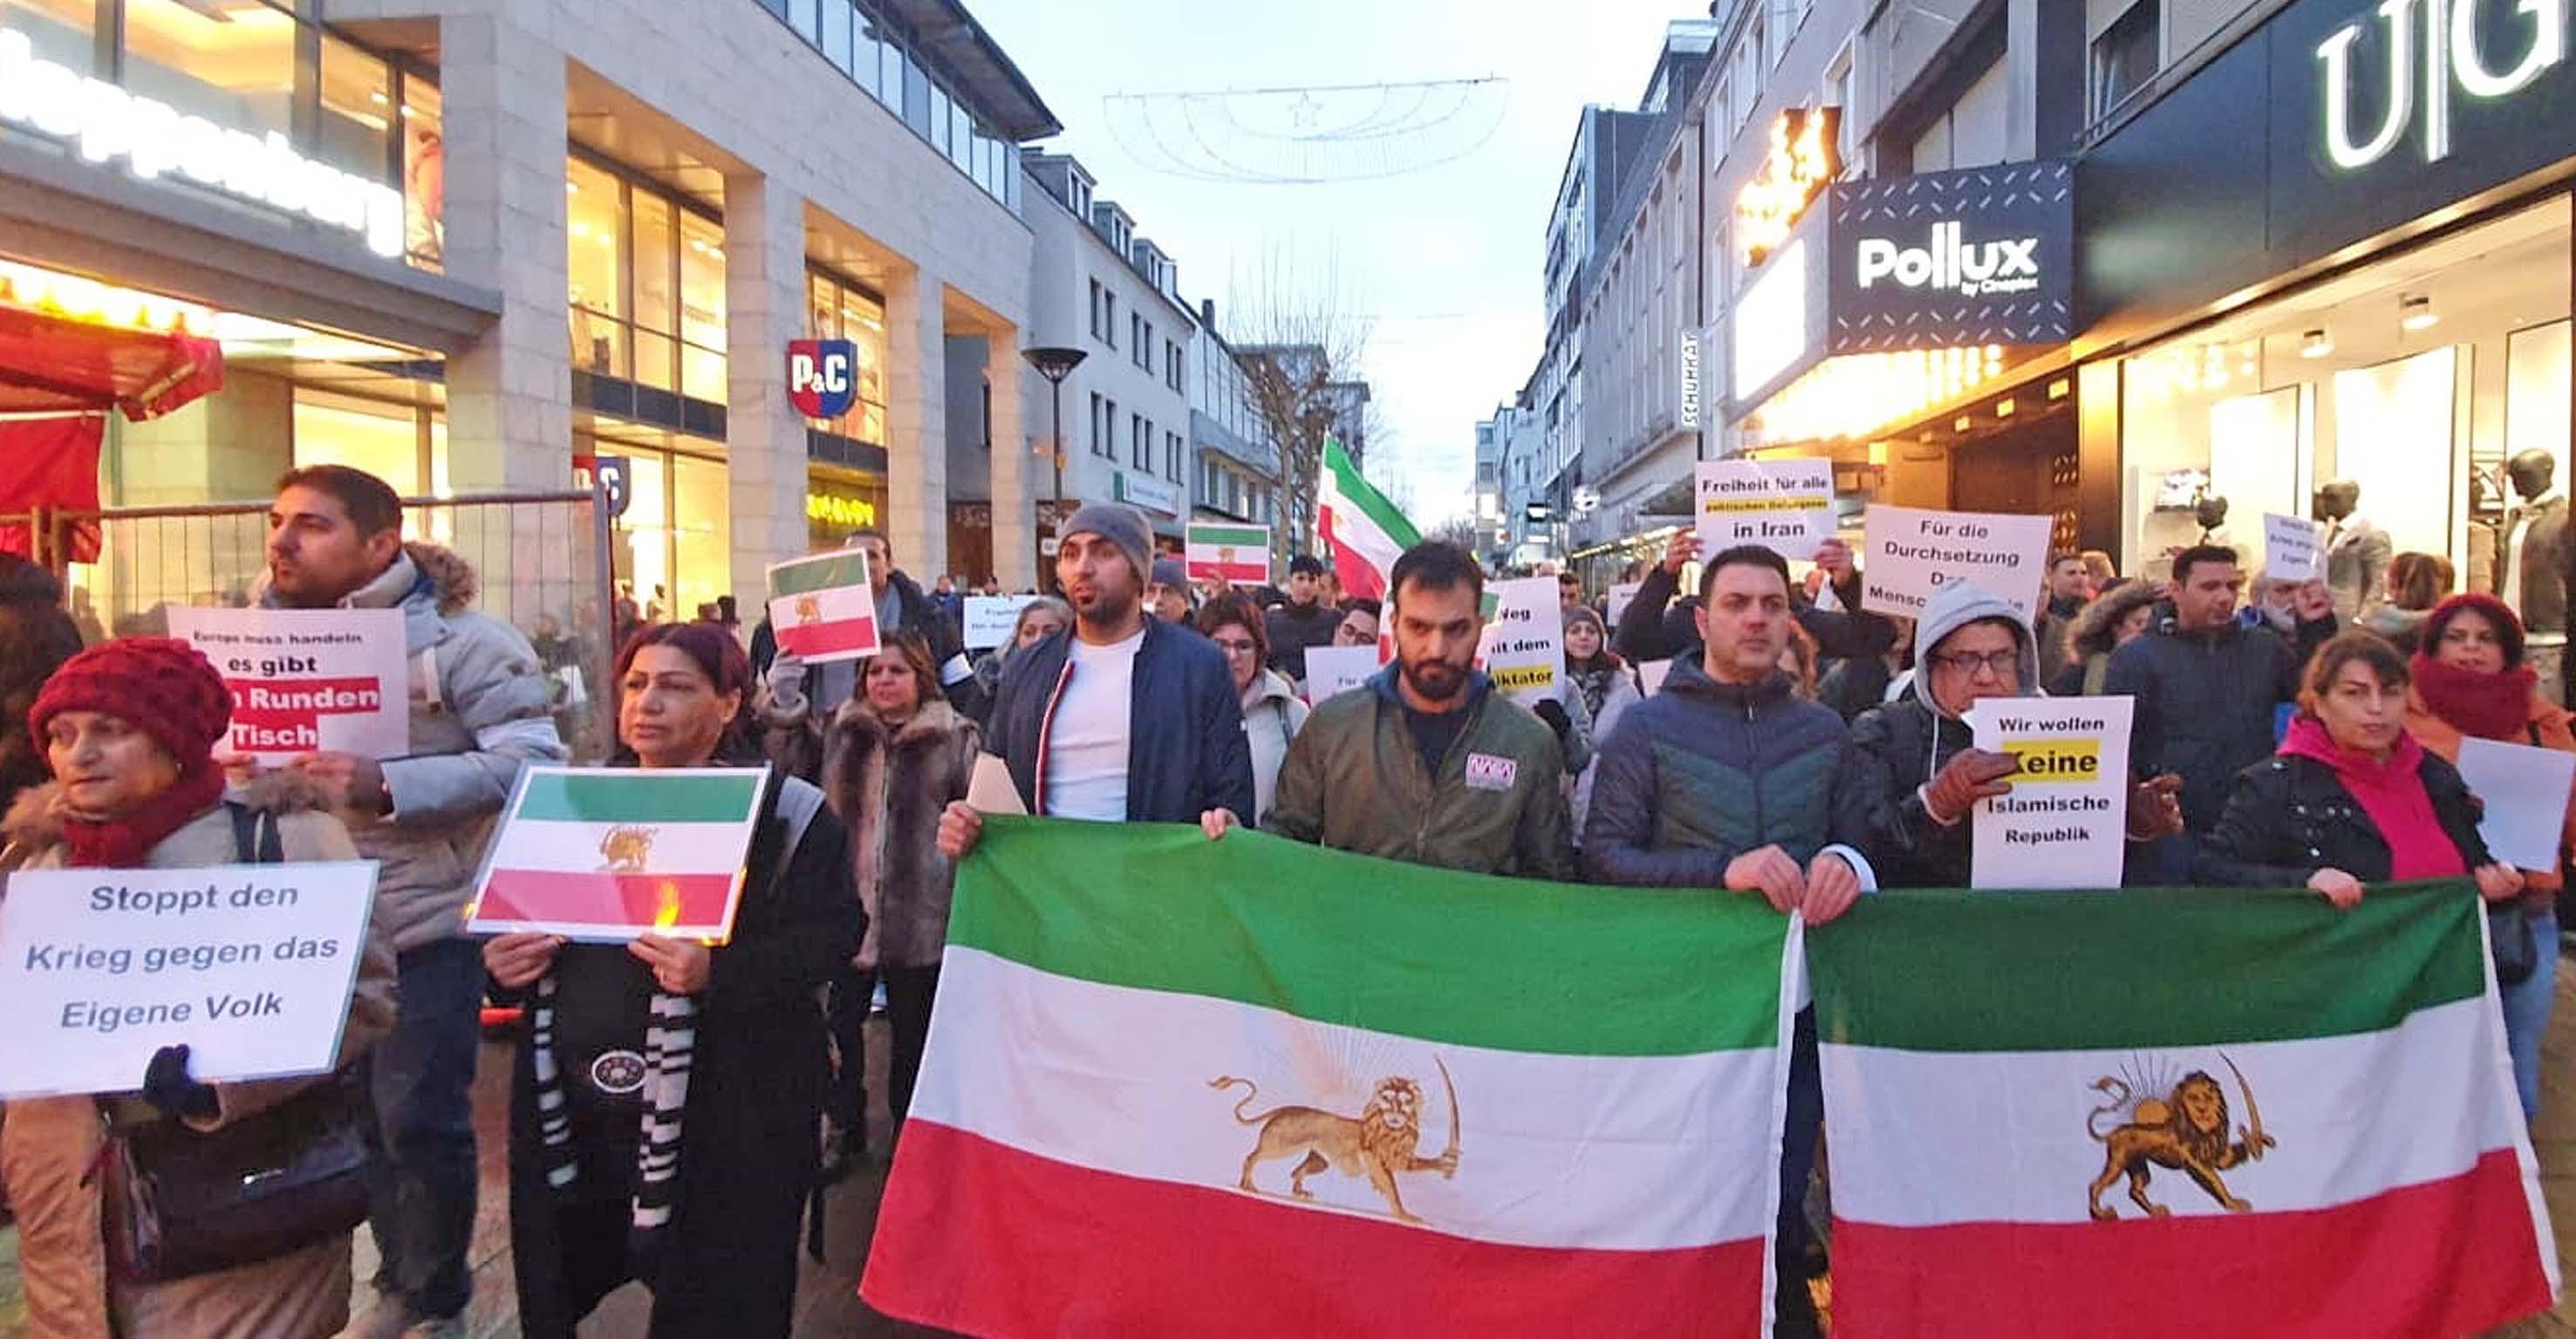 Nach Januar 2018 fand in Paderborn jetzt erneut eine Demonstration für Freiheit und Menschenrechte im Iran statt. FOTO: EKP